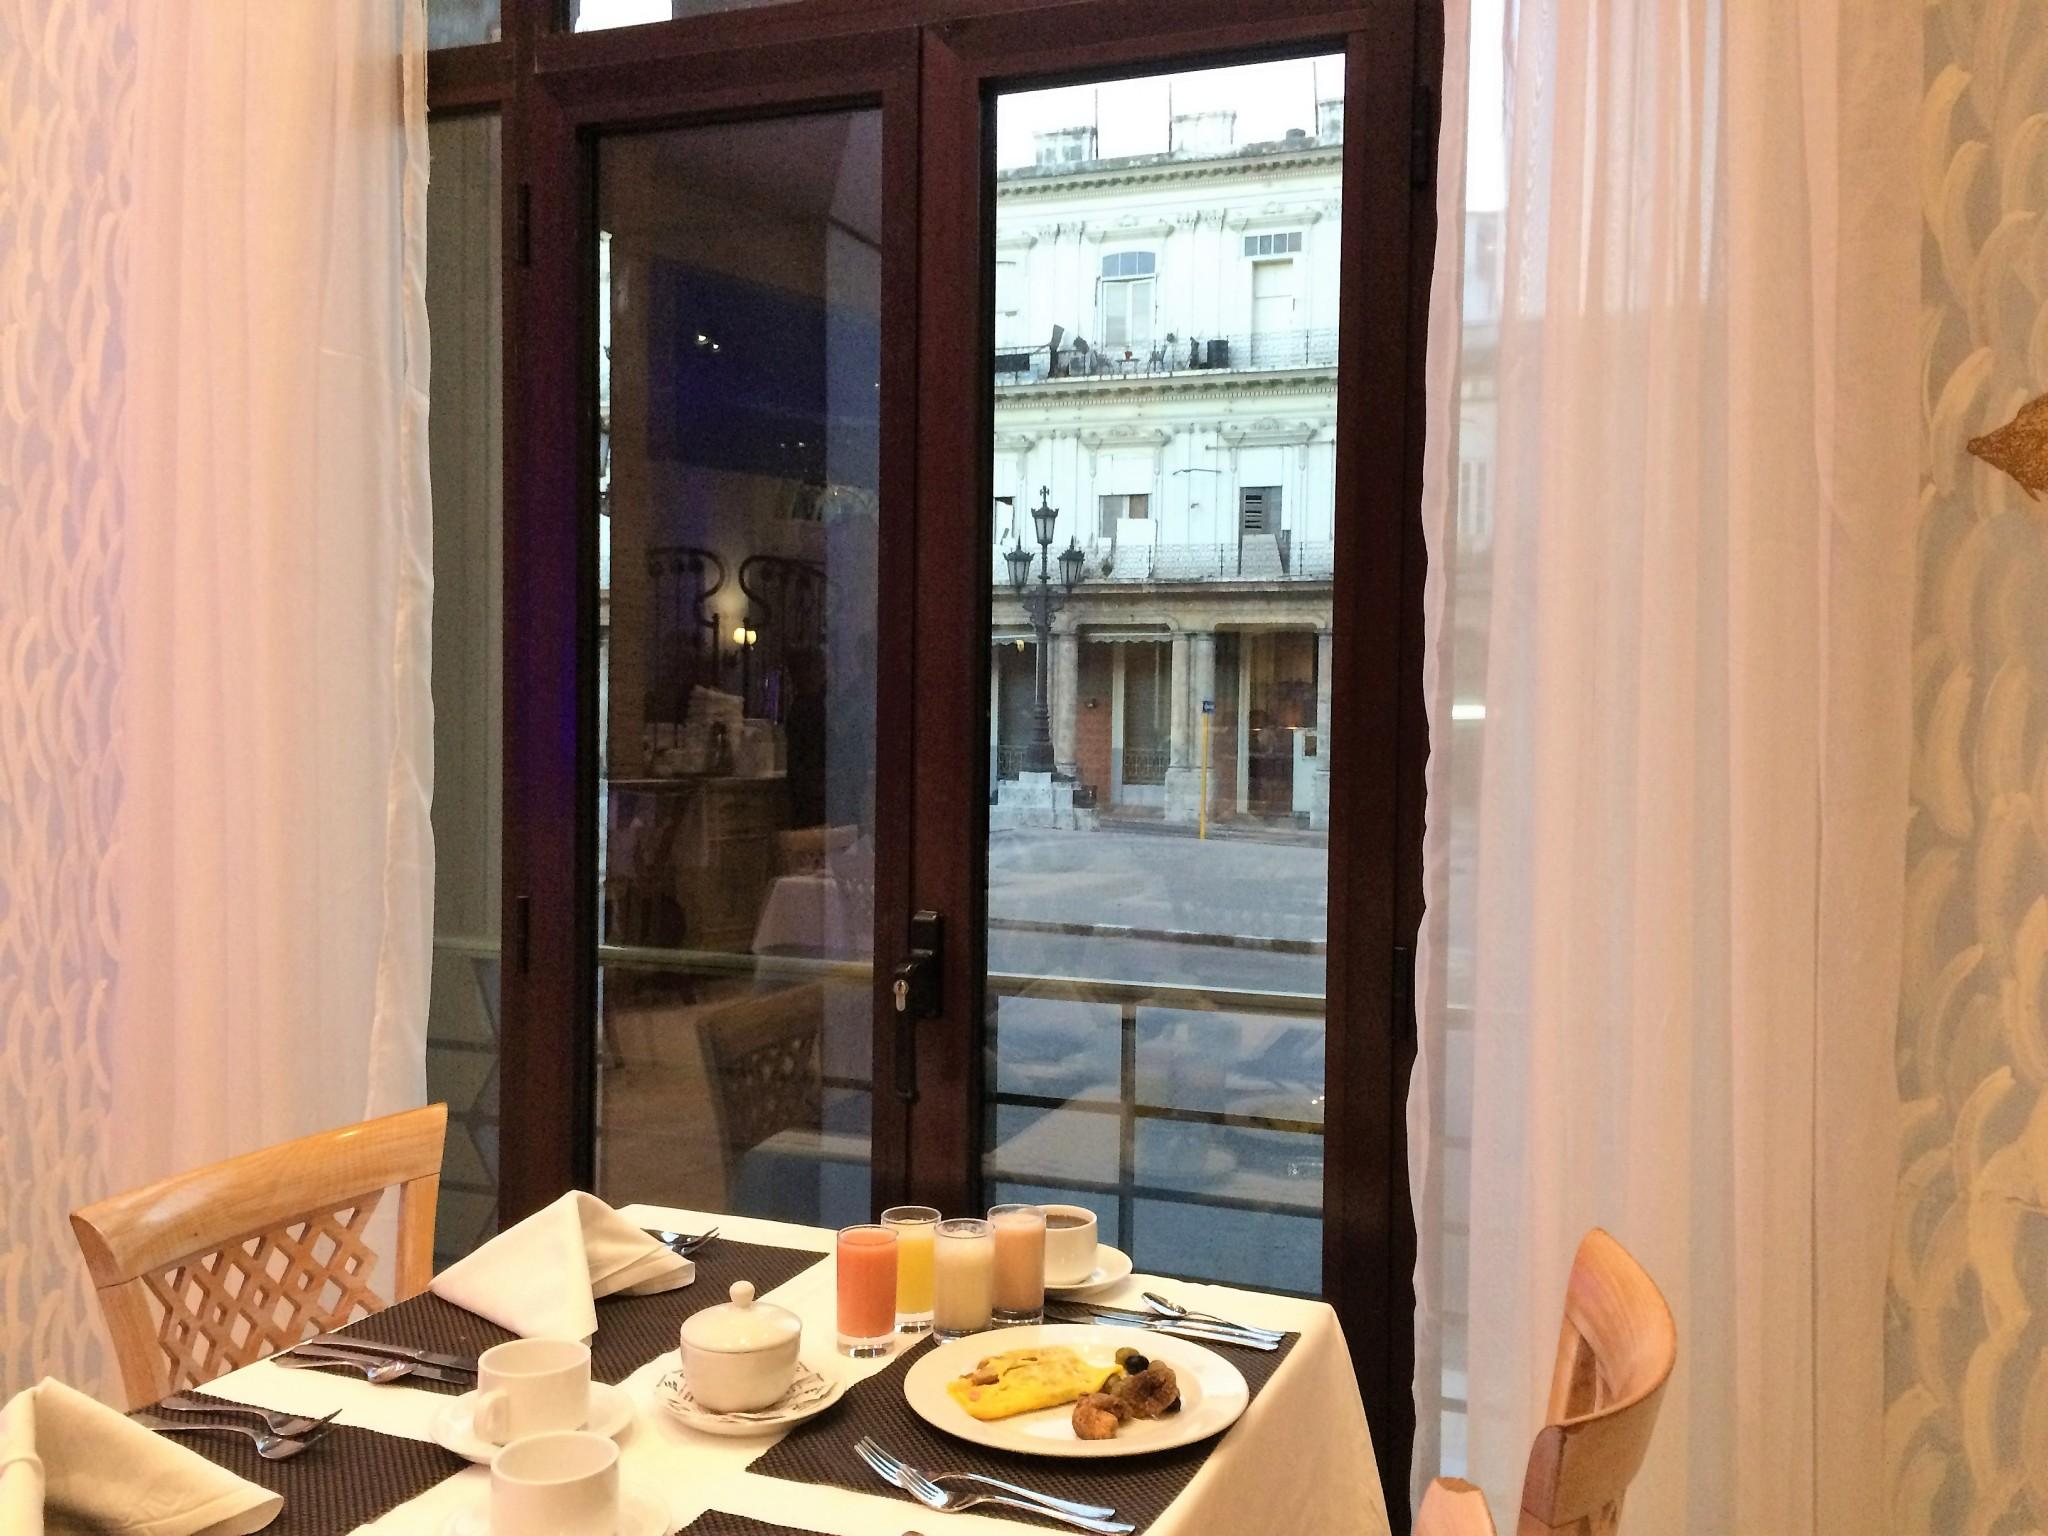 aamupala ikkunasta Pradolle katsellen Havannassa